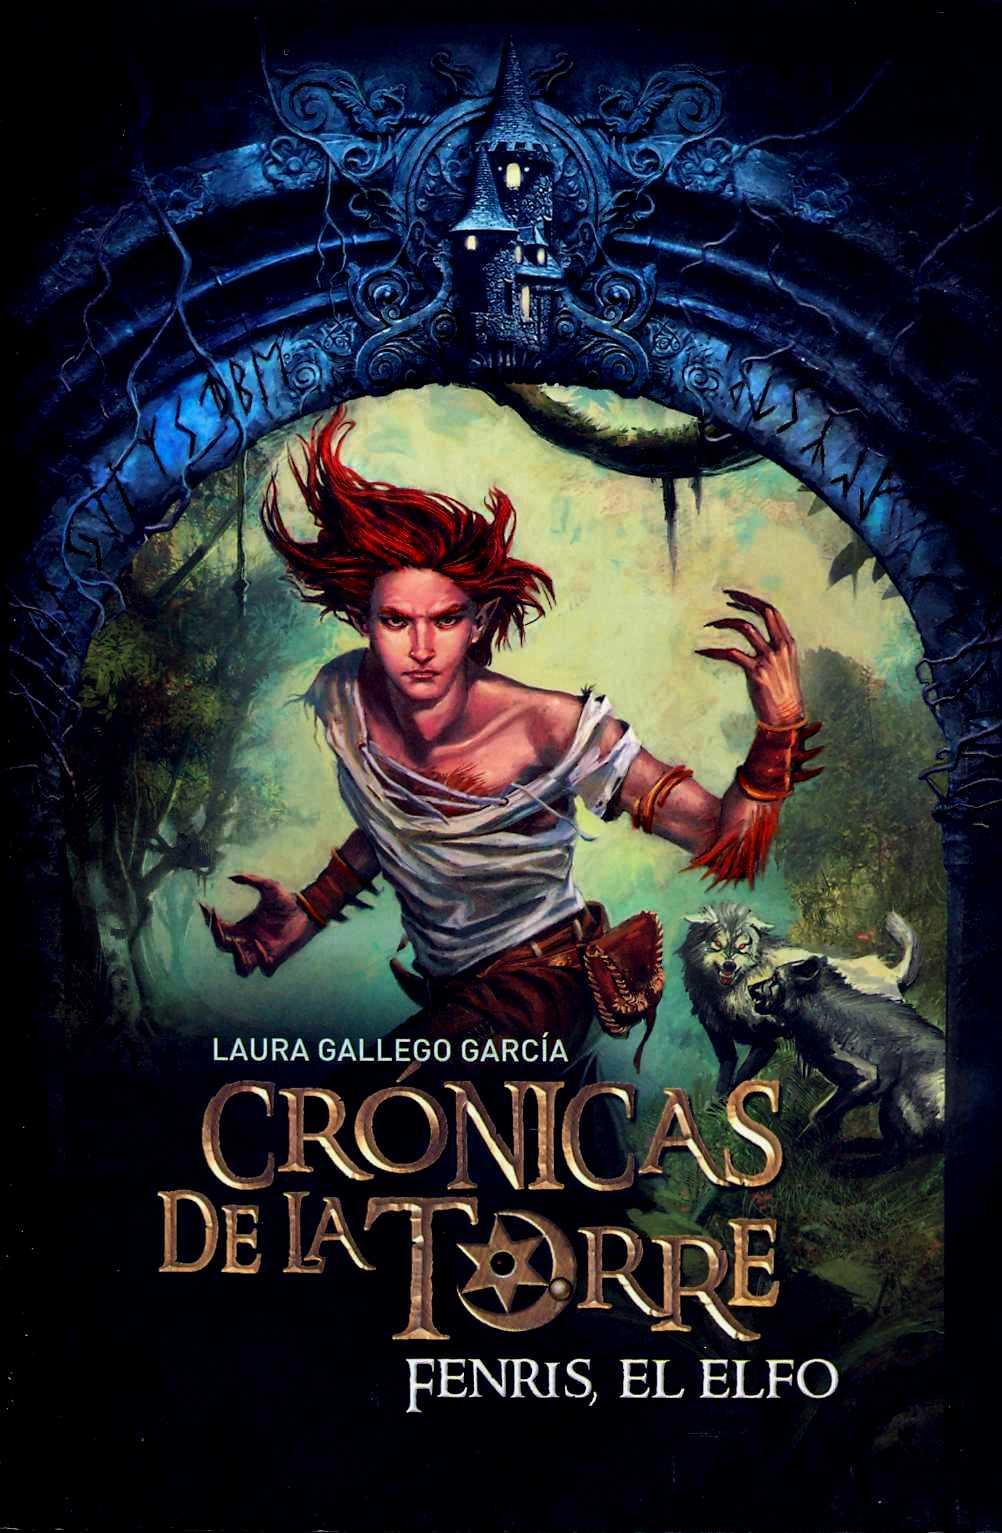 Fenris, el Elfo - Laura Gallego